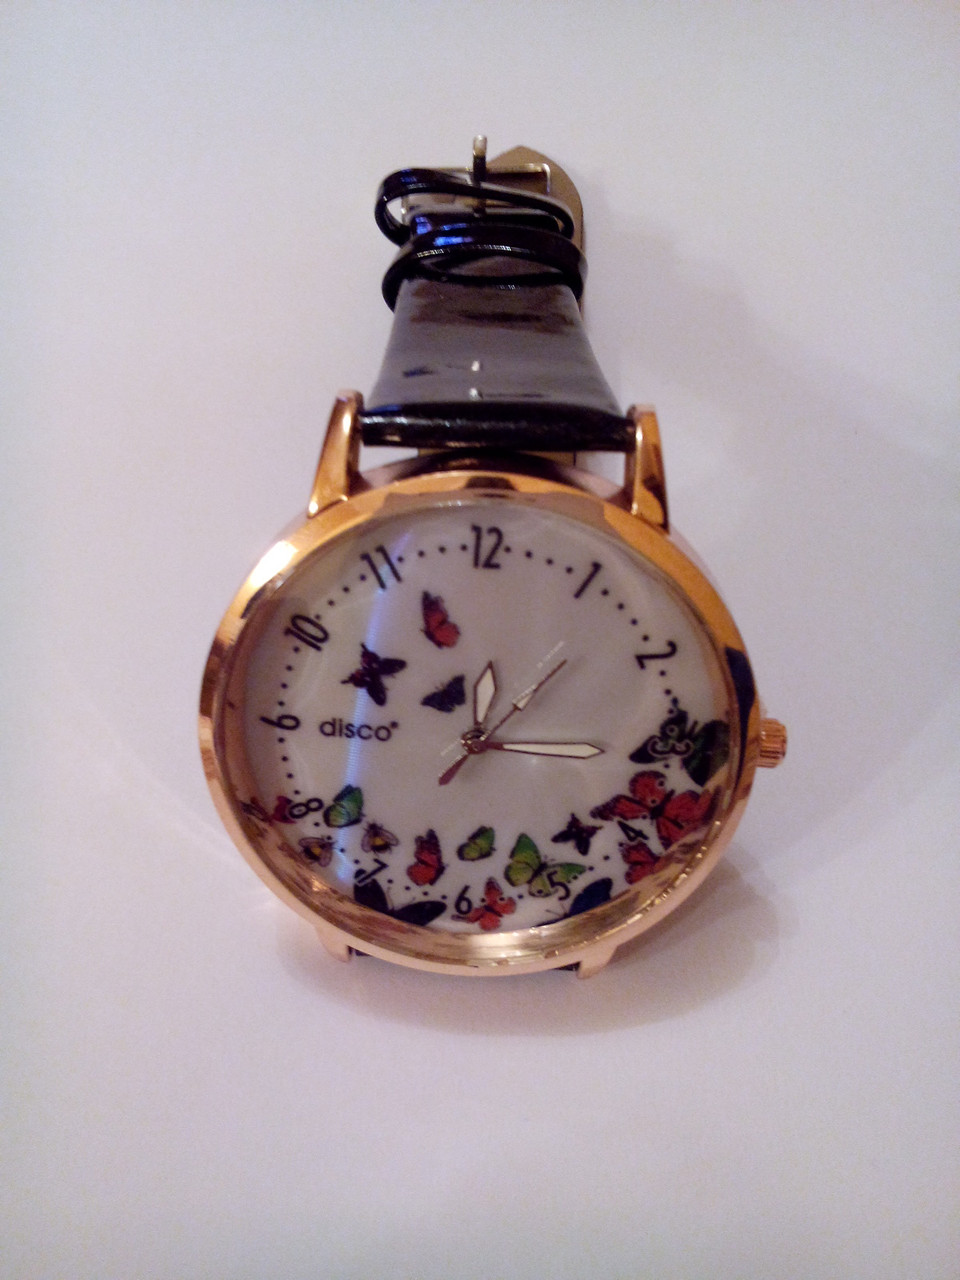 Часы наручные Disco 3303